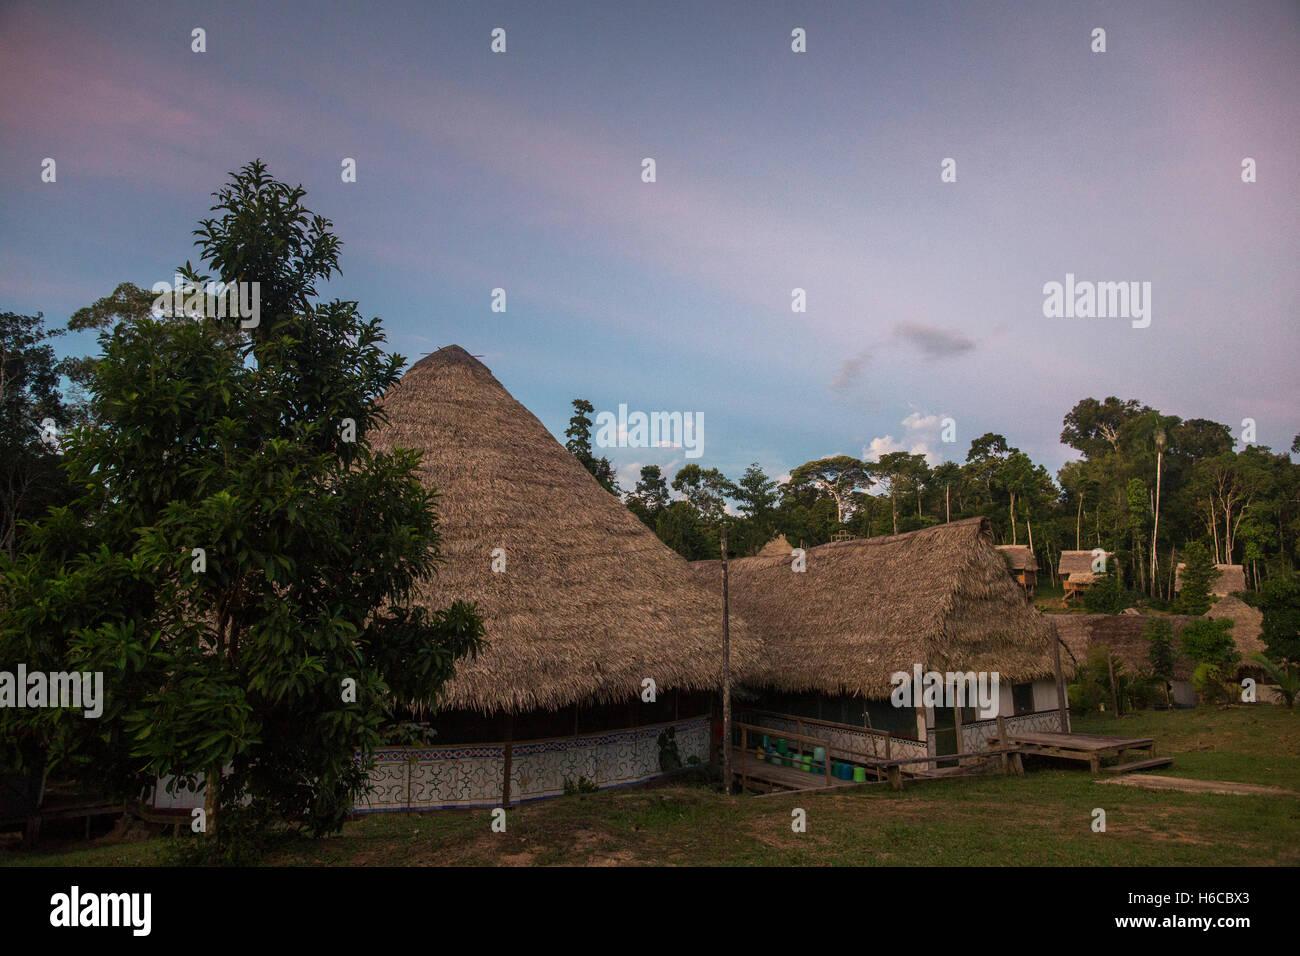 Un centro de sanación y medicina ayahuasca maloca en la amazonía peruana en una selva borrado al anochecer Imagen De Stock